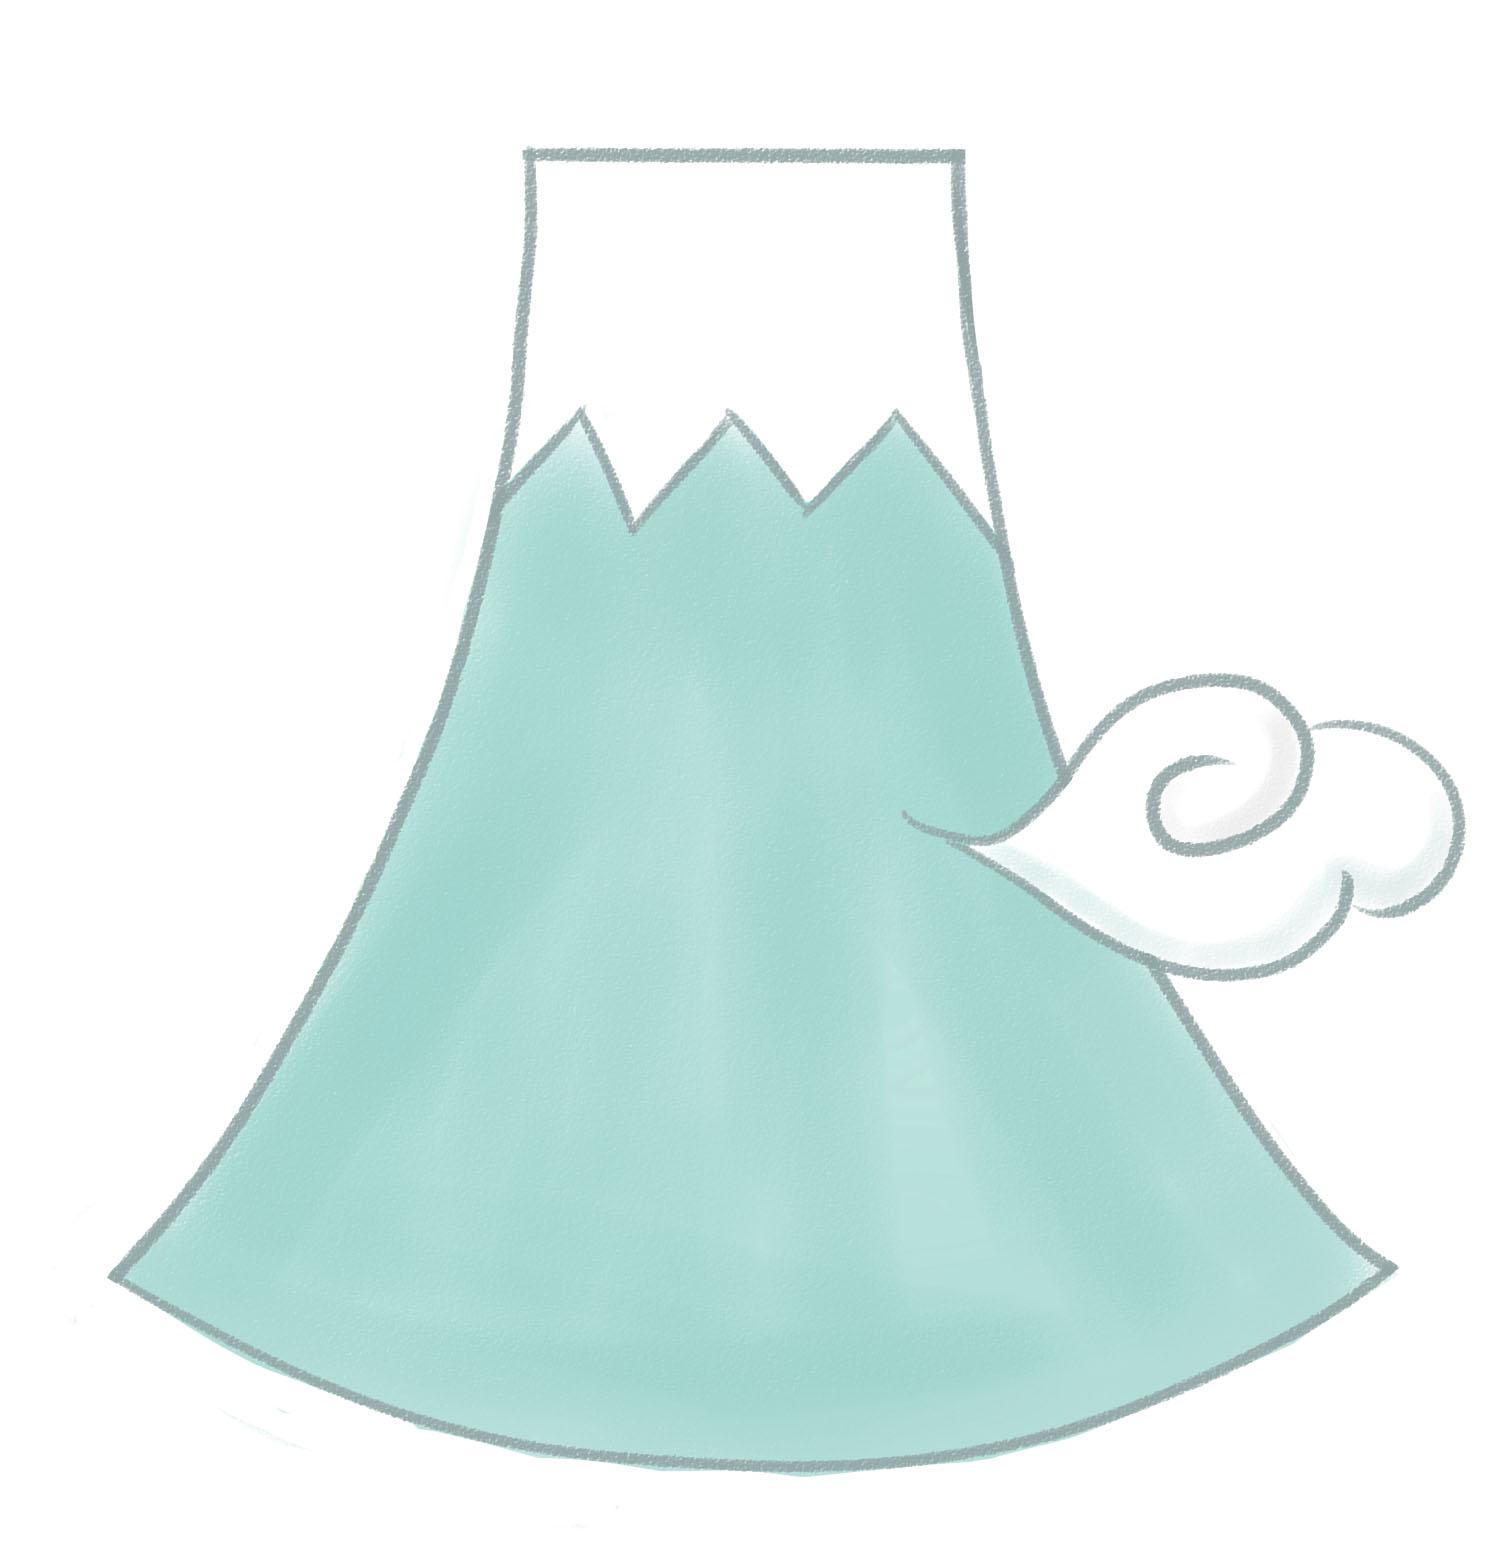 年賀状 2015 ひつじ 年賀状 : 雲をまとった富士山のイラスト ...